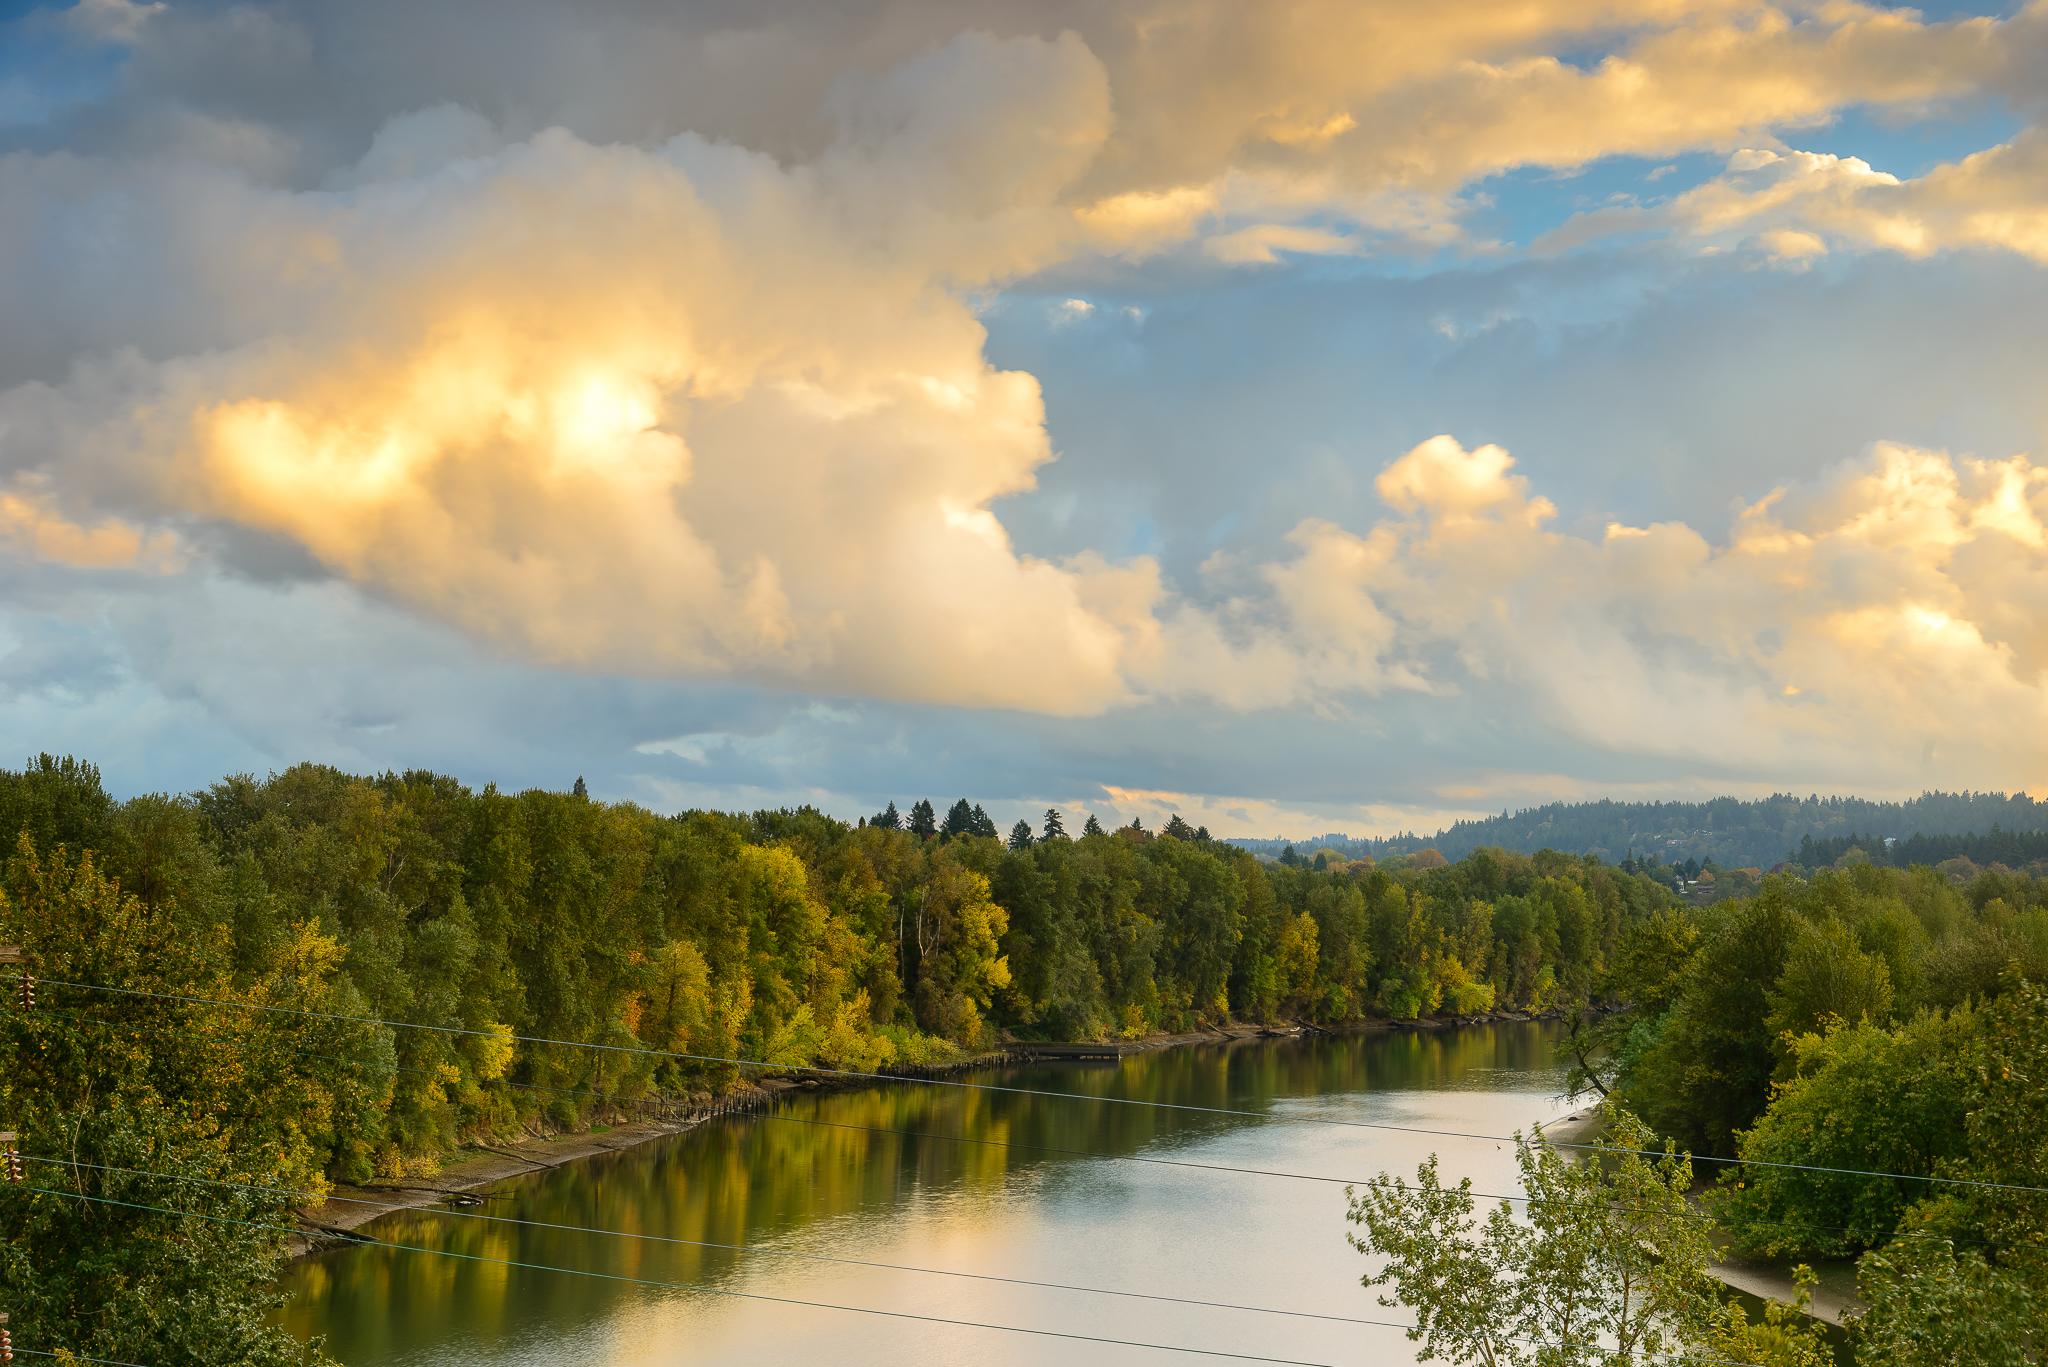 The Willamette River provides some easy nature access. SE Portland